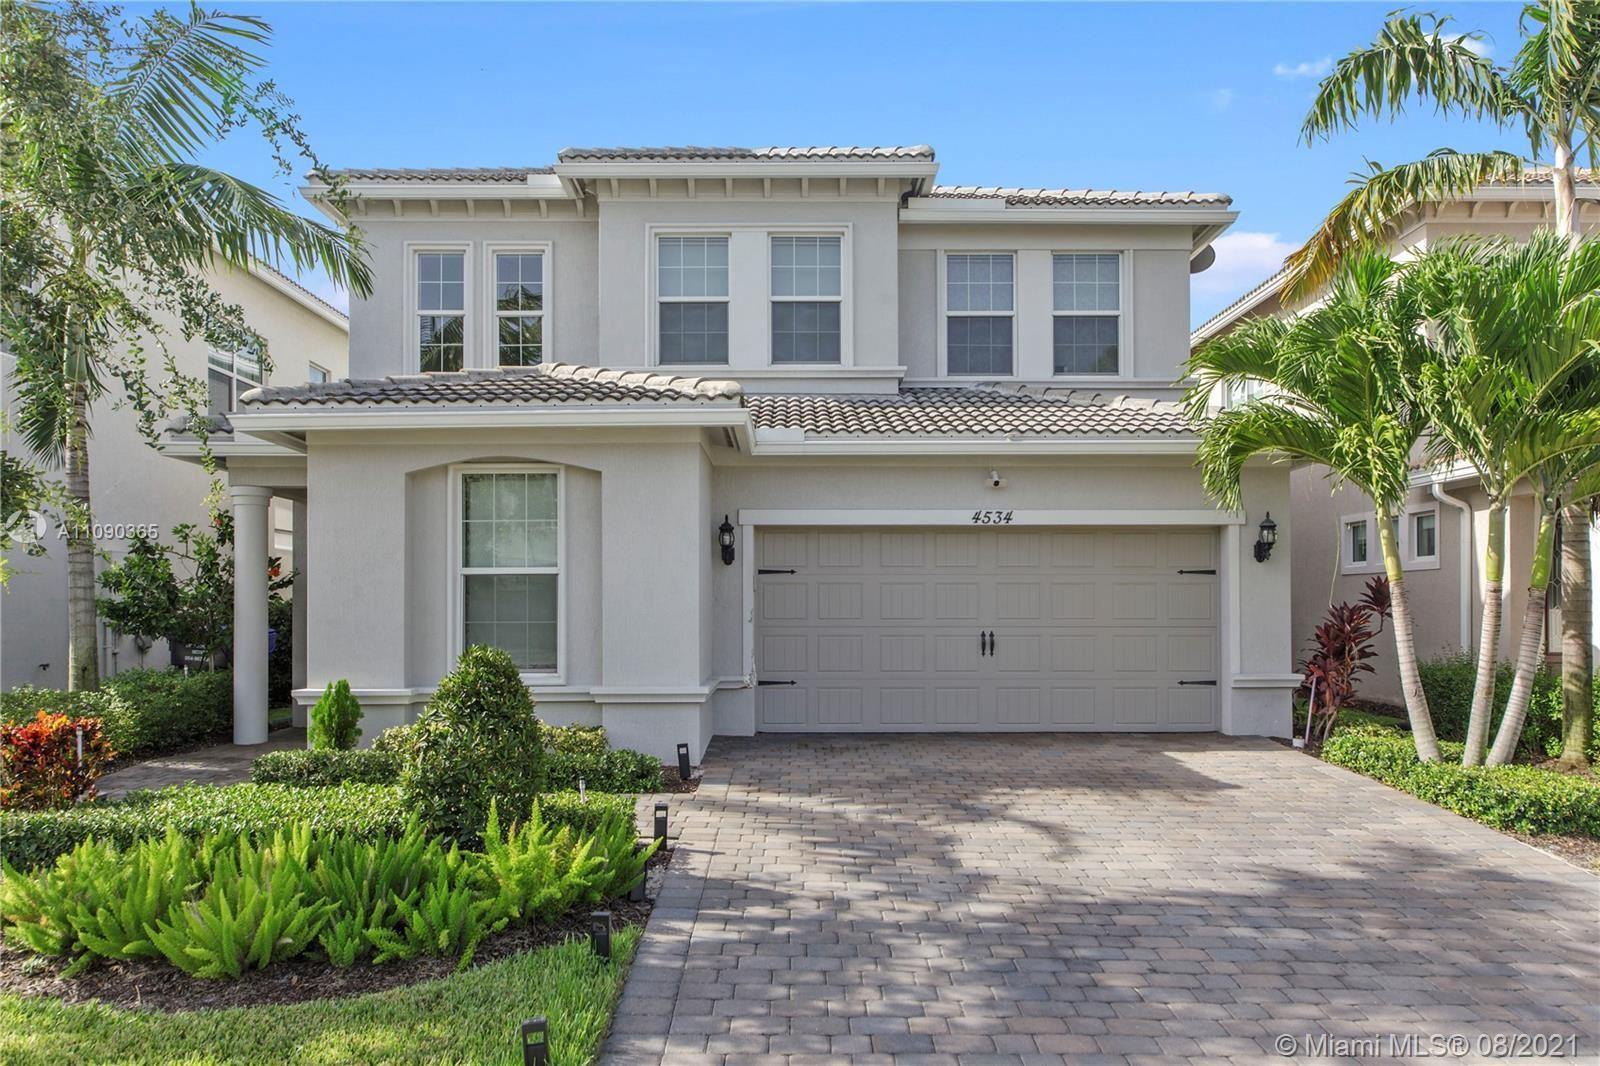 4534 Greenway Dr, Hollywood, FL 33021 - #: A11090365